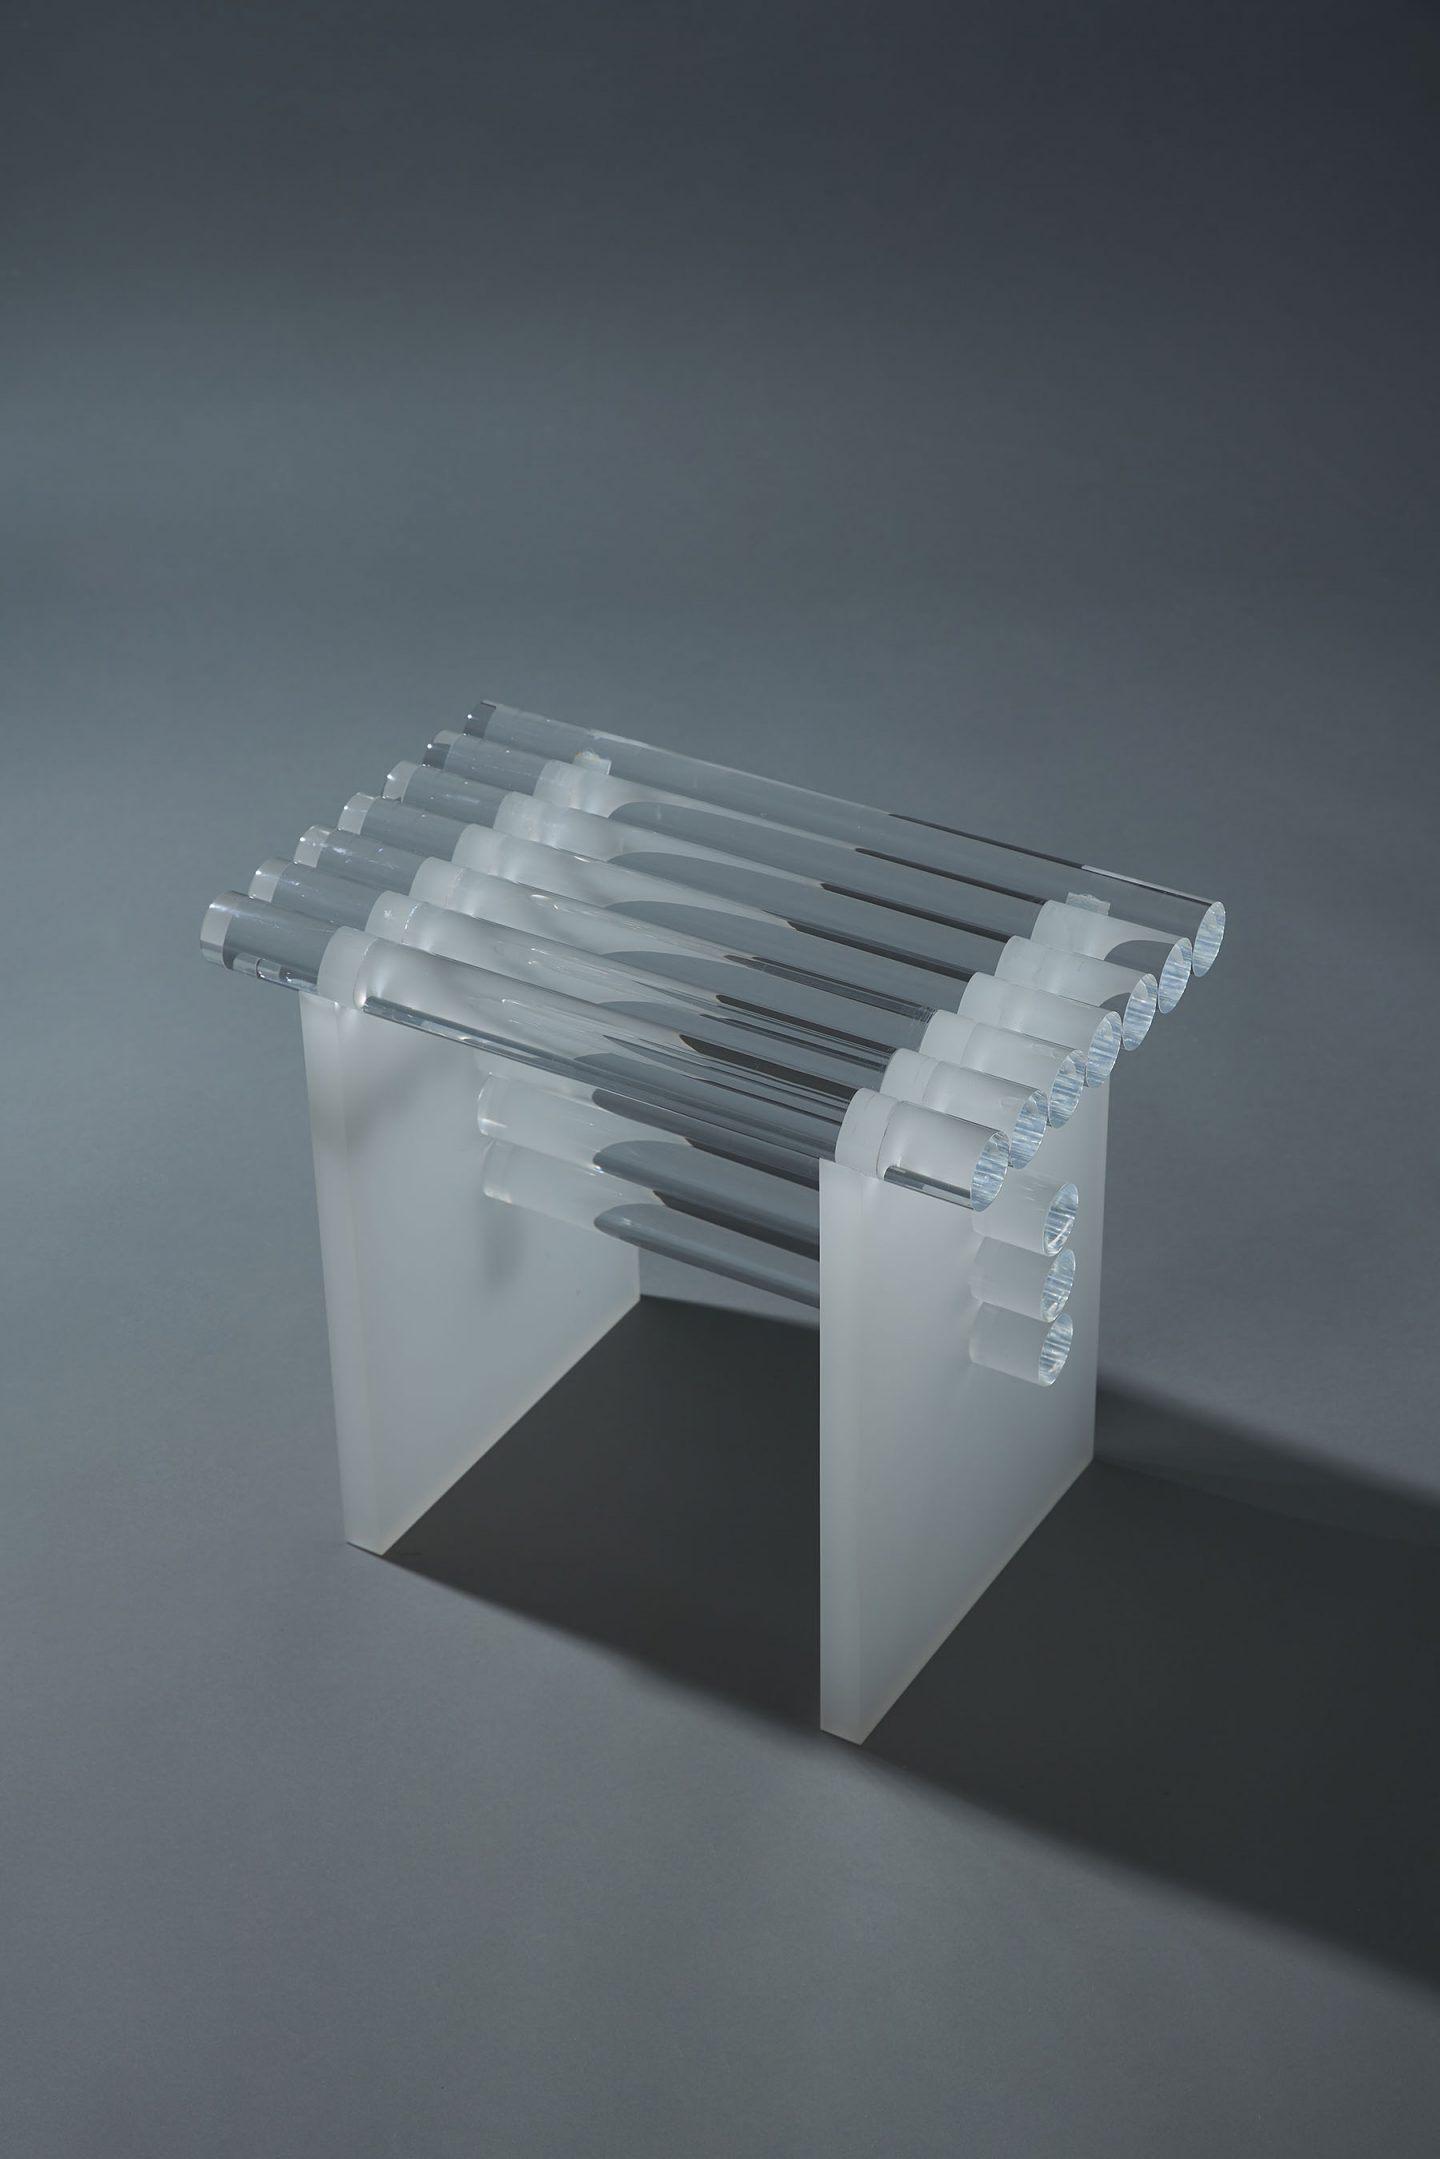 IGNANT-Design-Jihye-Zang-Purity-07